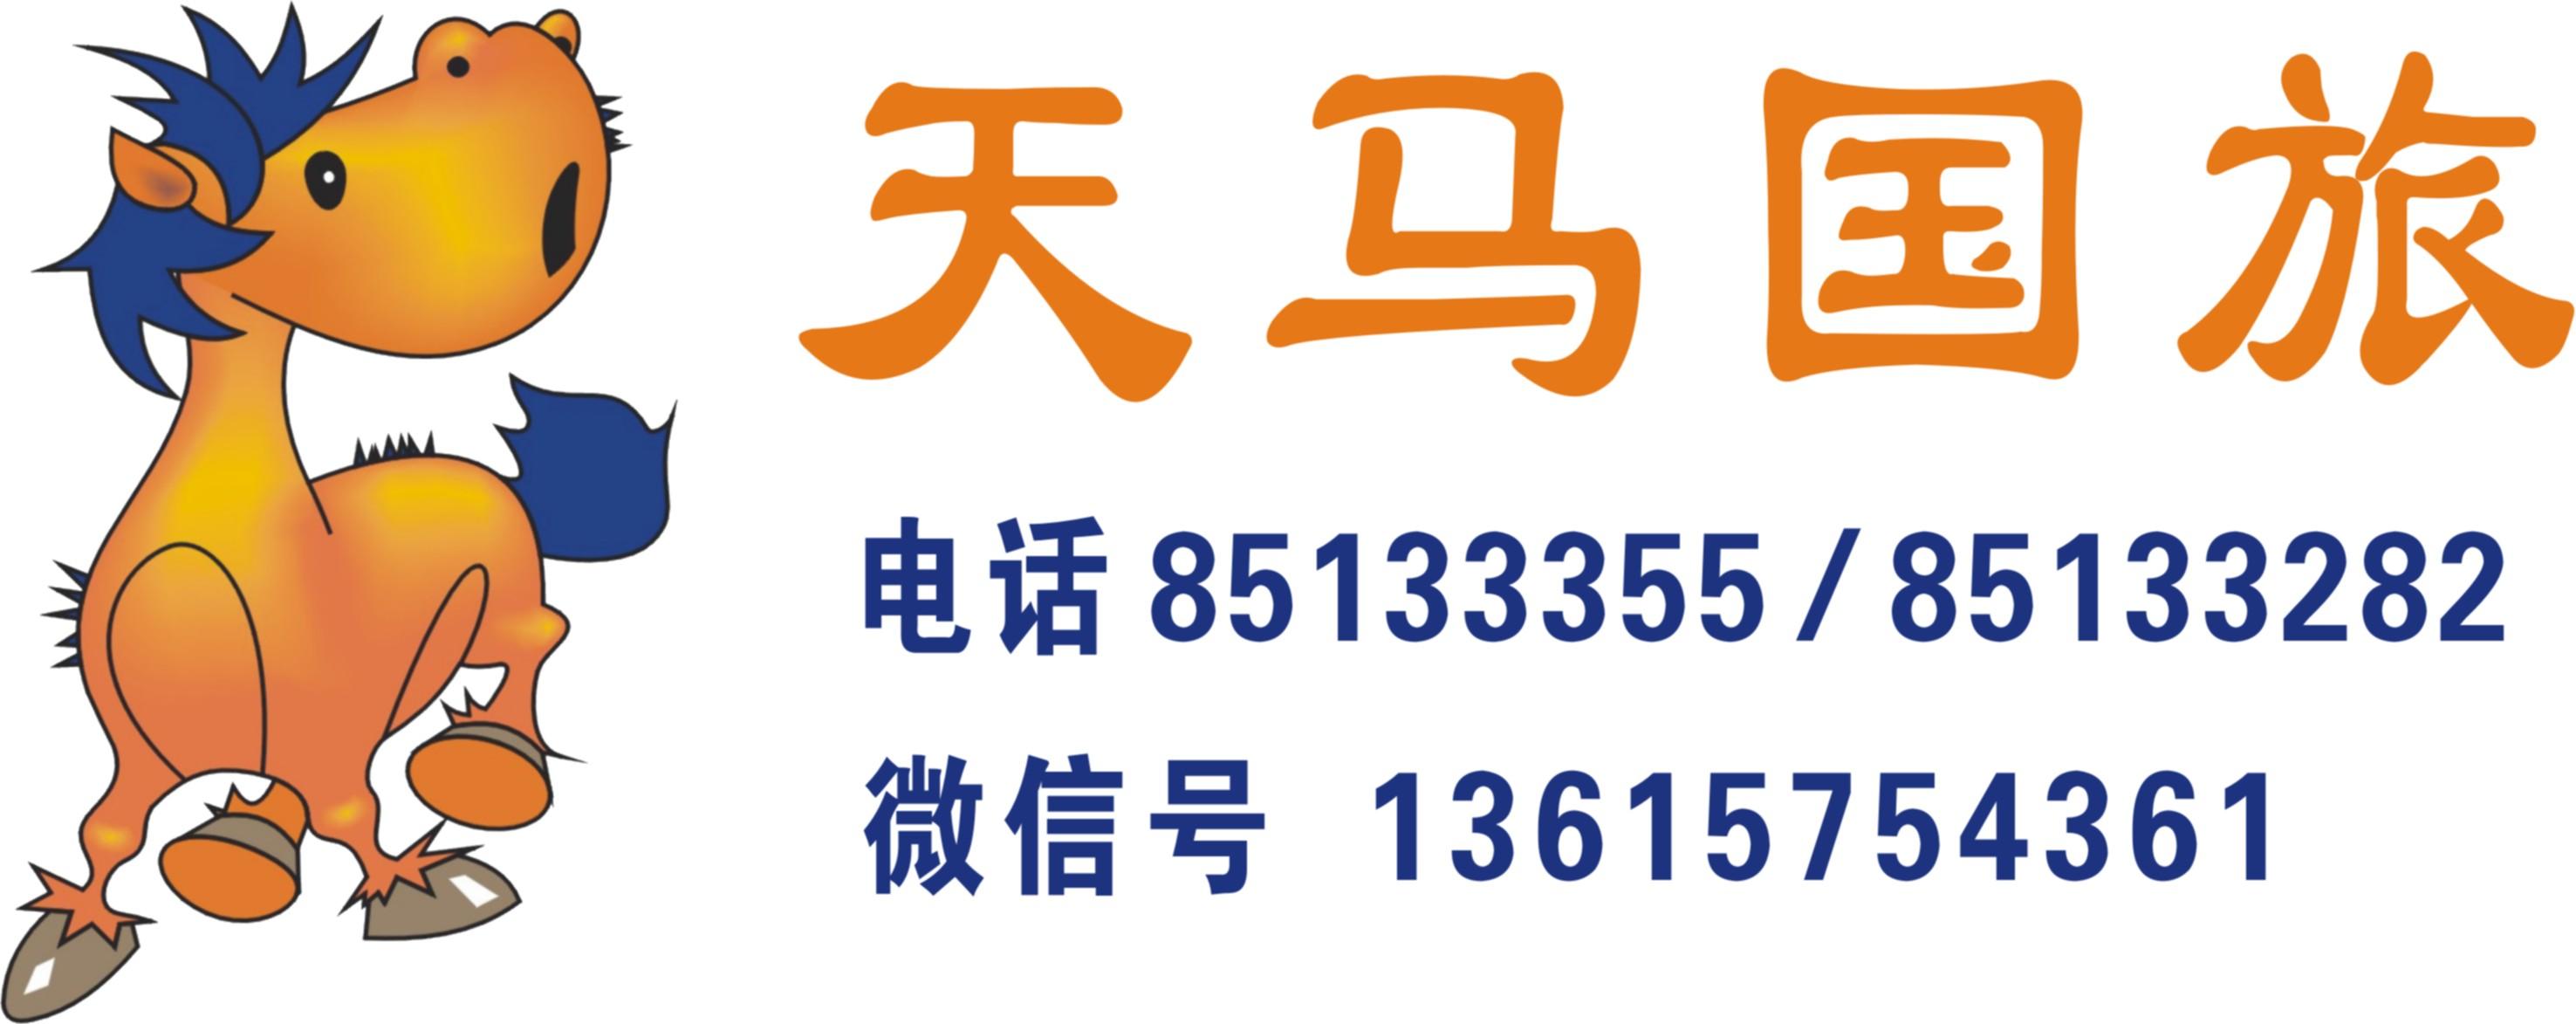 7-8月【全景贵州大环—马岭河、万峰林、黄果树、梵净山8日】